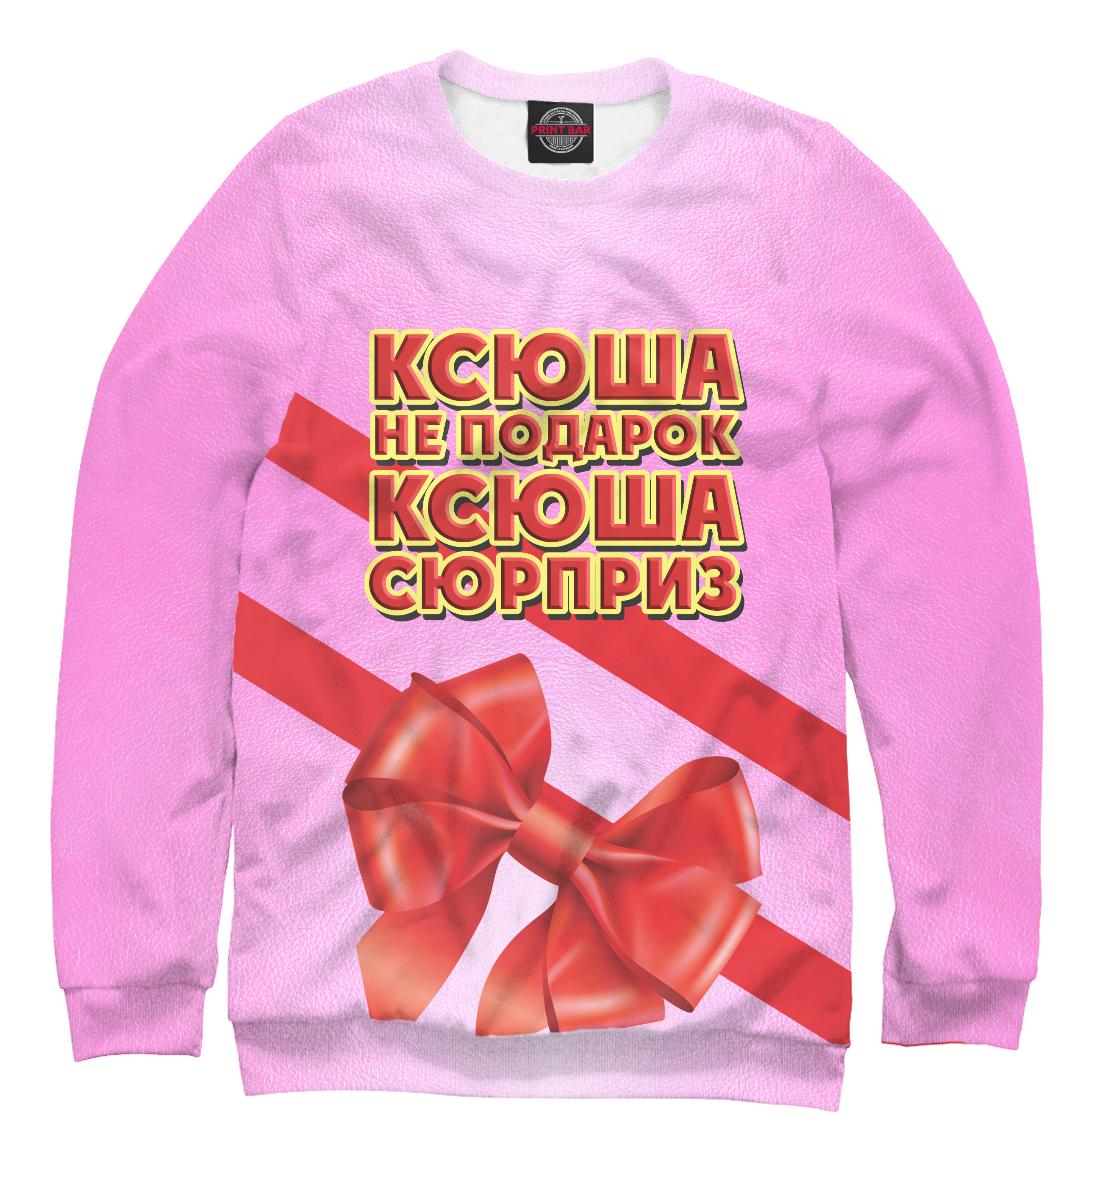 Фото - Ксюша не подарок подарок